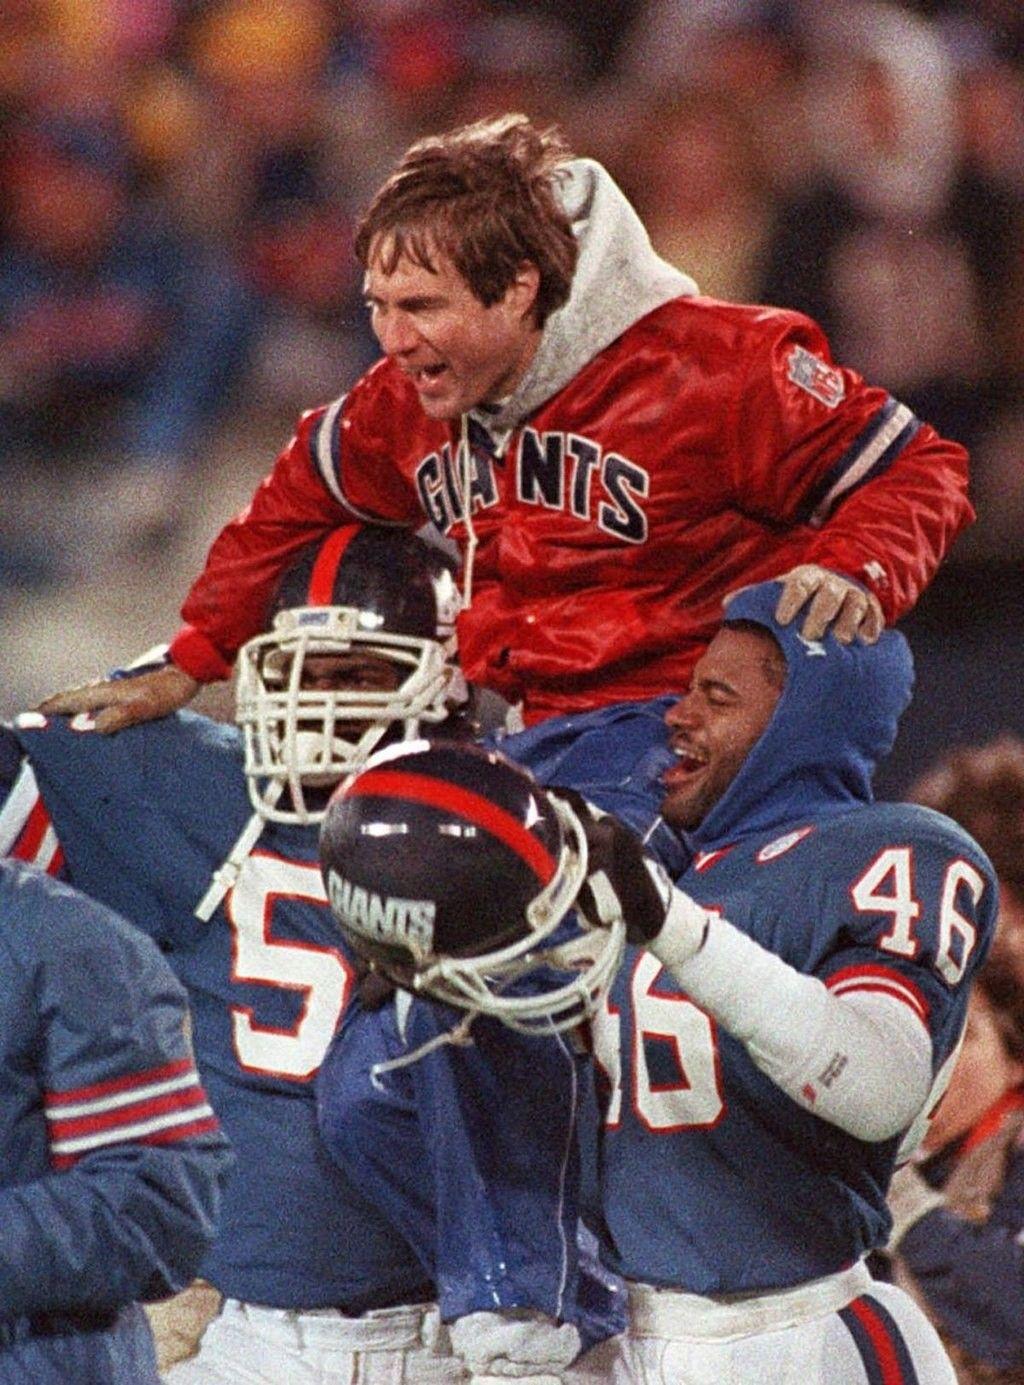 Bill Belichick NY Giants NY Daily News Nfl coaches, New